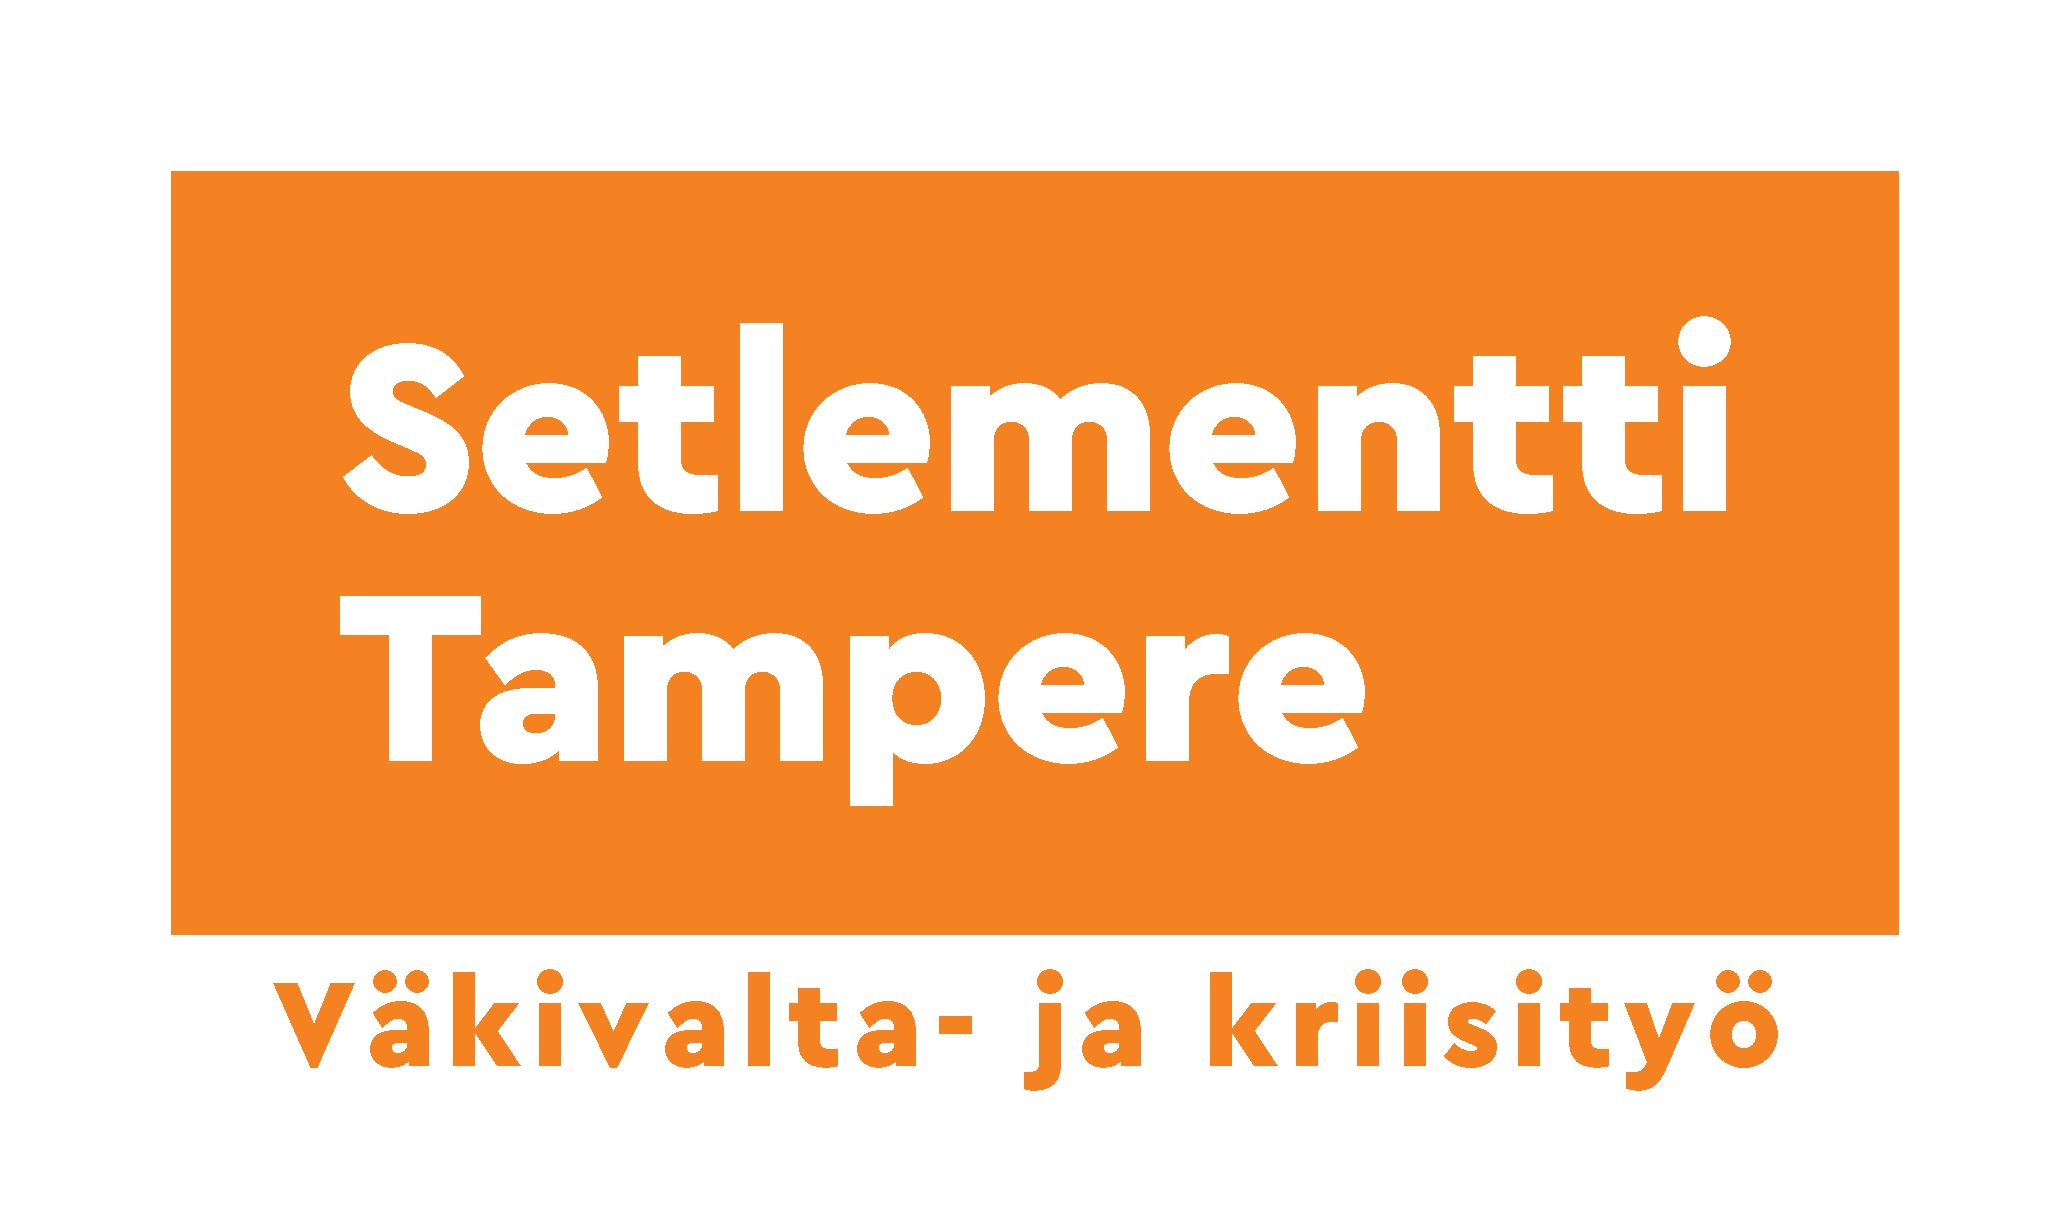 Väkivalta- ja kriisityö, Setlementti Tampere ry